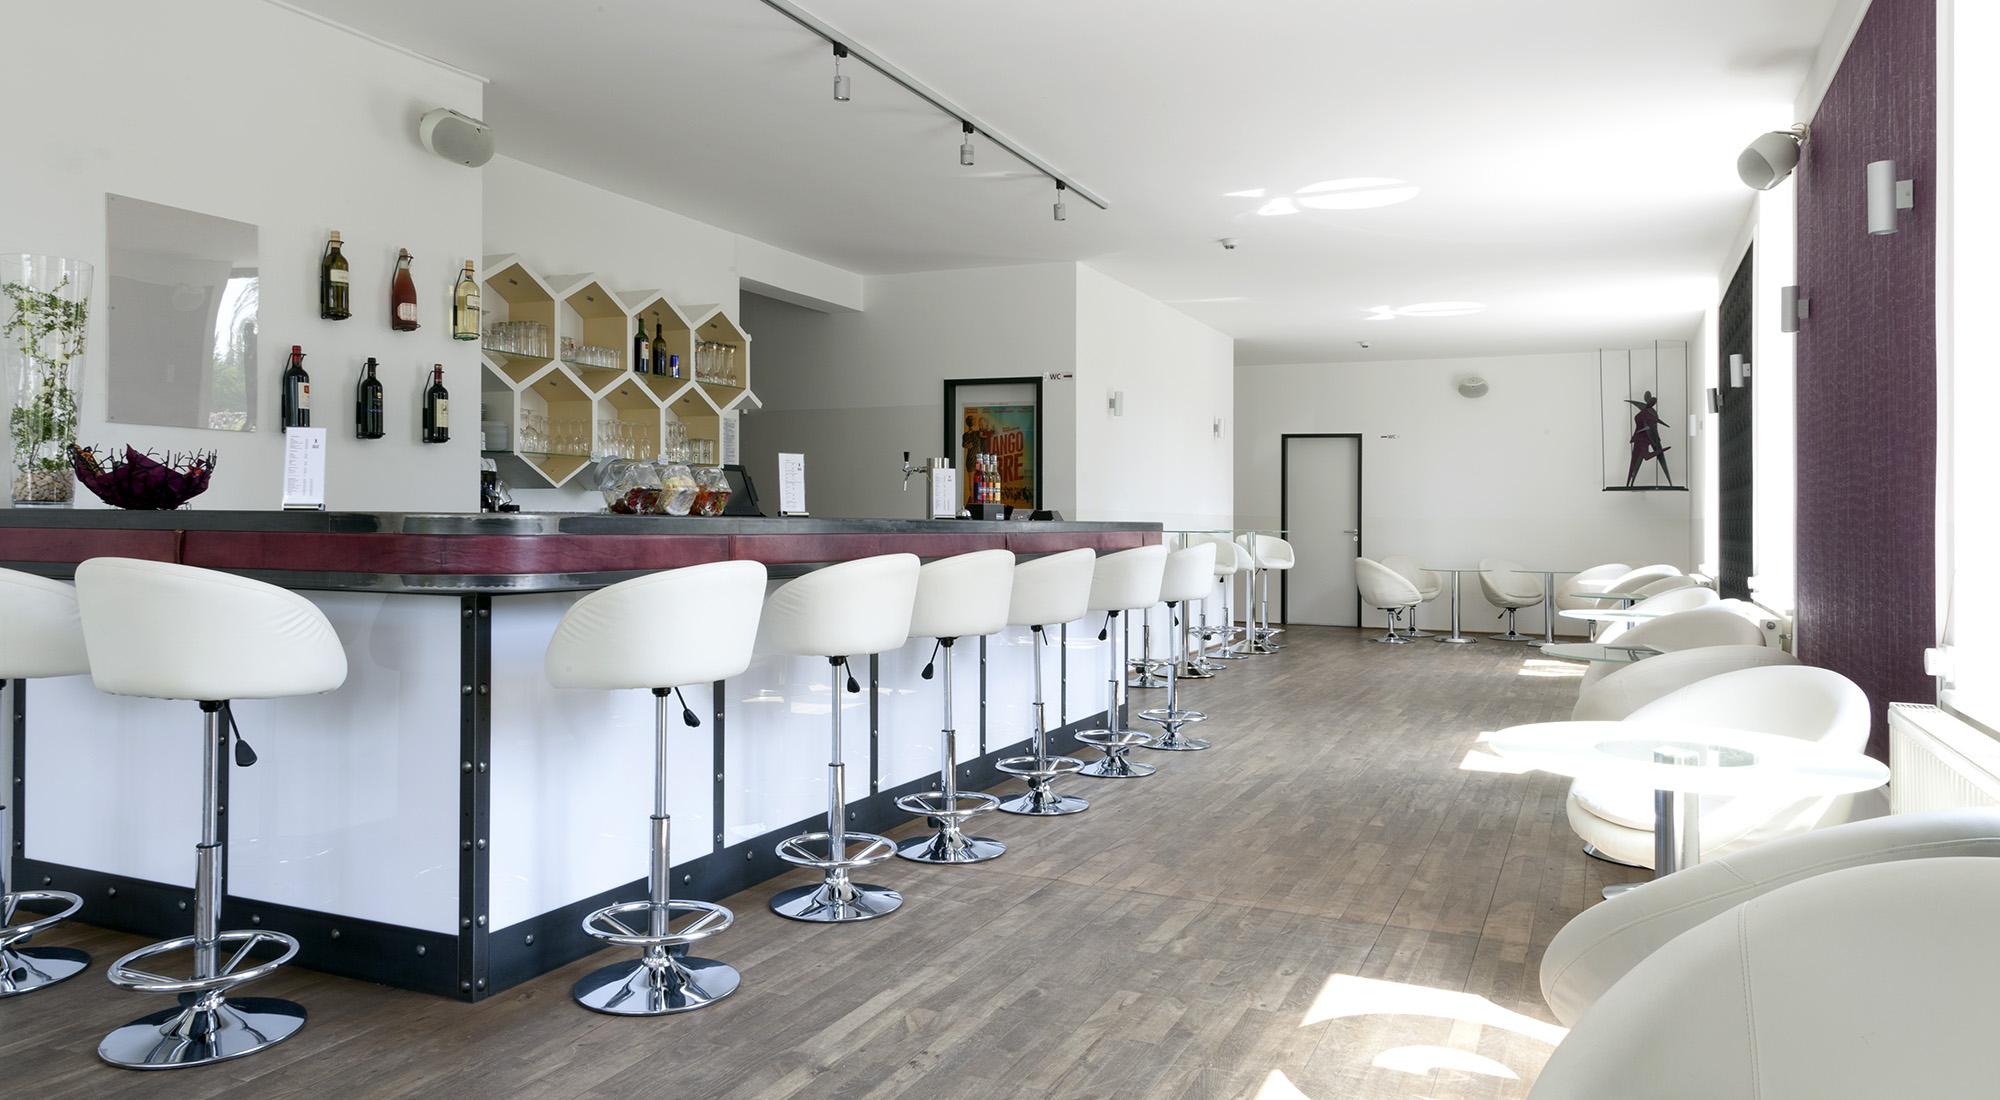 Das Uhrenhaus: Bar-/Loungebereich – ADTV Tanzschule DieSchrittmacher